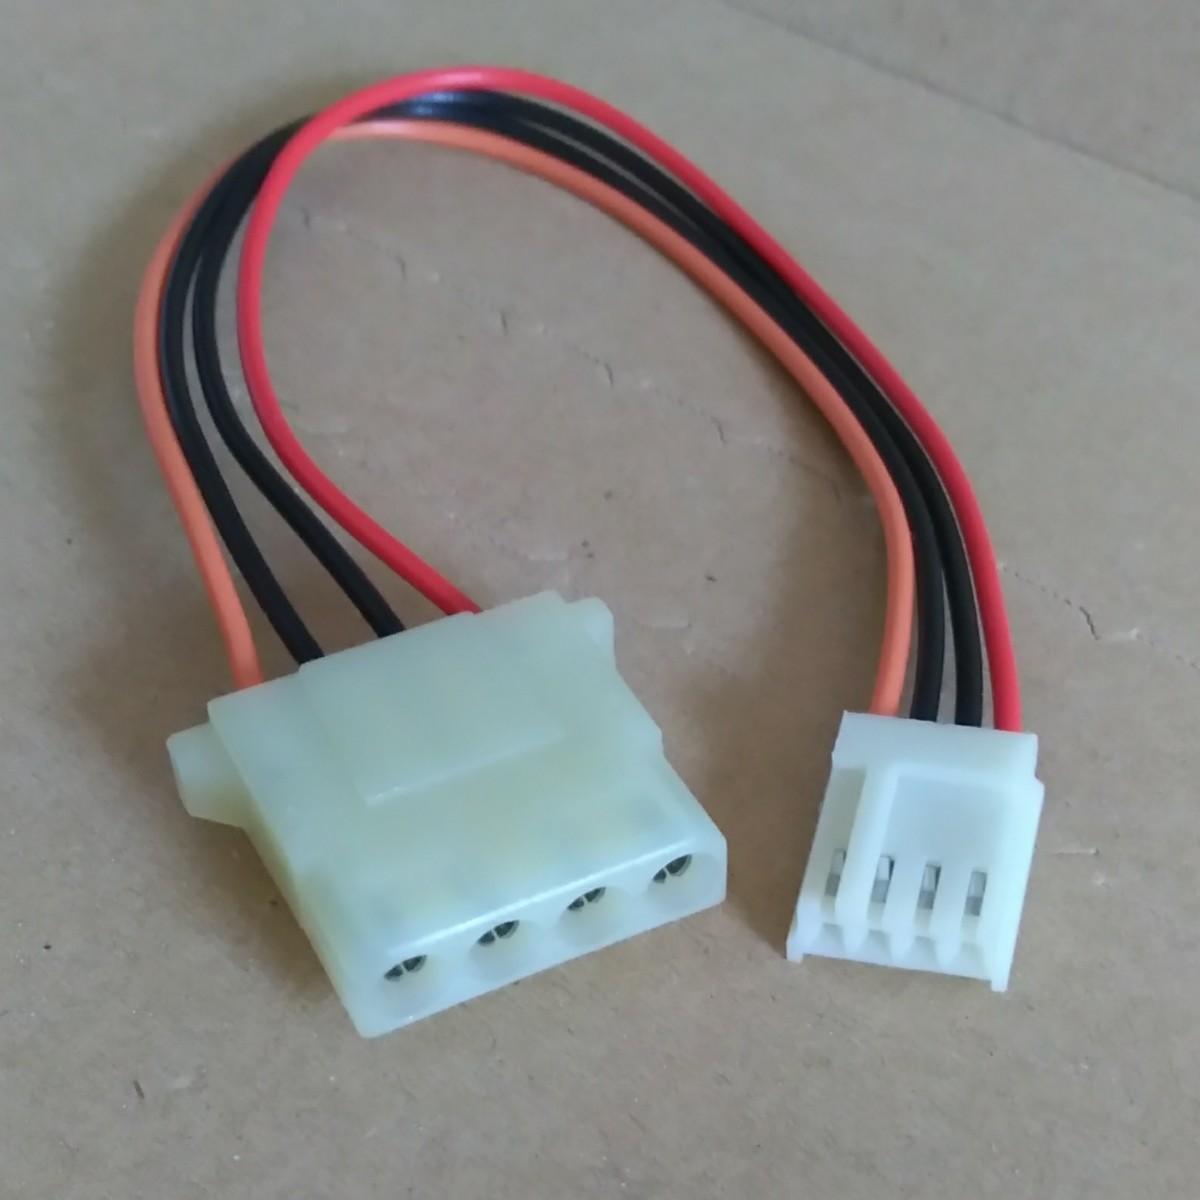 電源ケーブル 4ピン メス / Power Cable 4pin 20cm